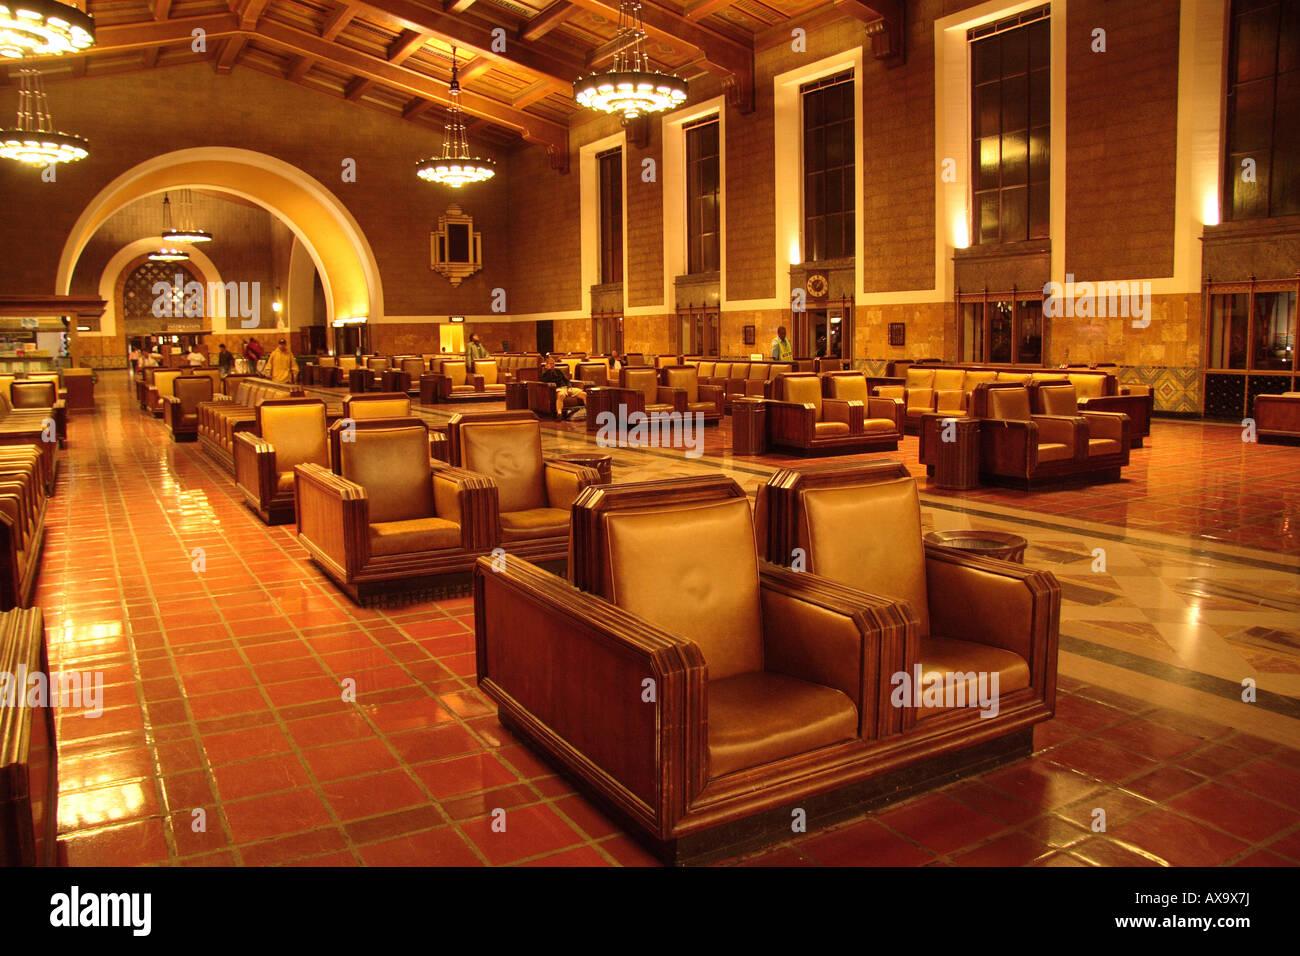 Interior Los Angeles Union Station Lobby Década de decoração Imagens de Stock